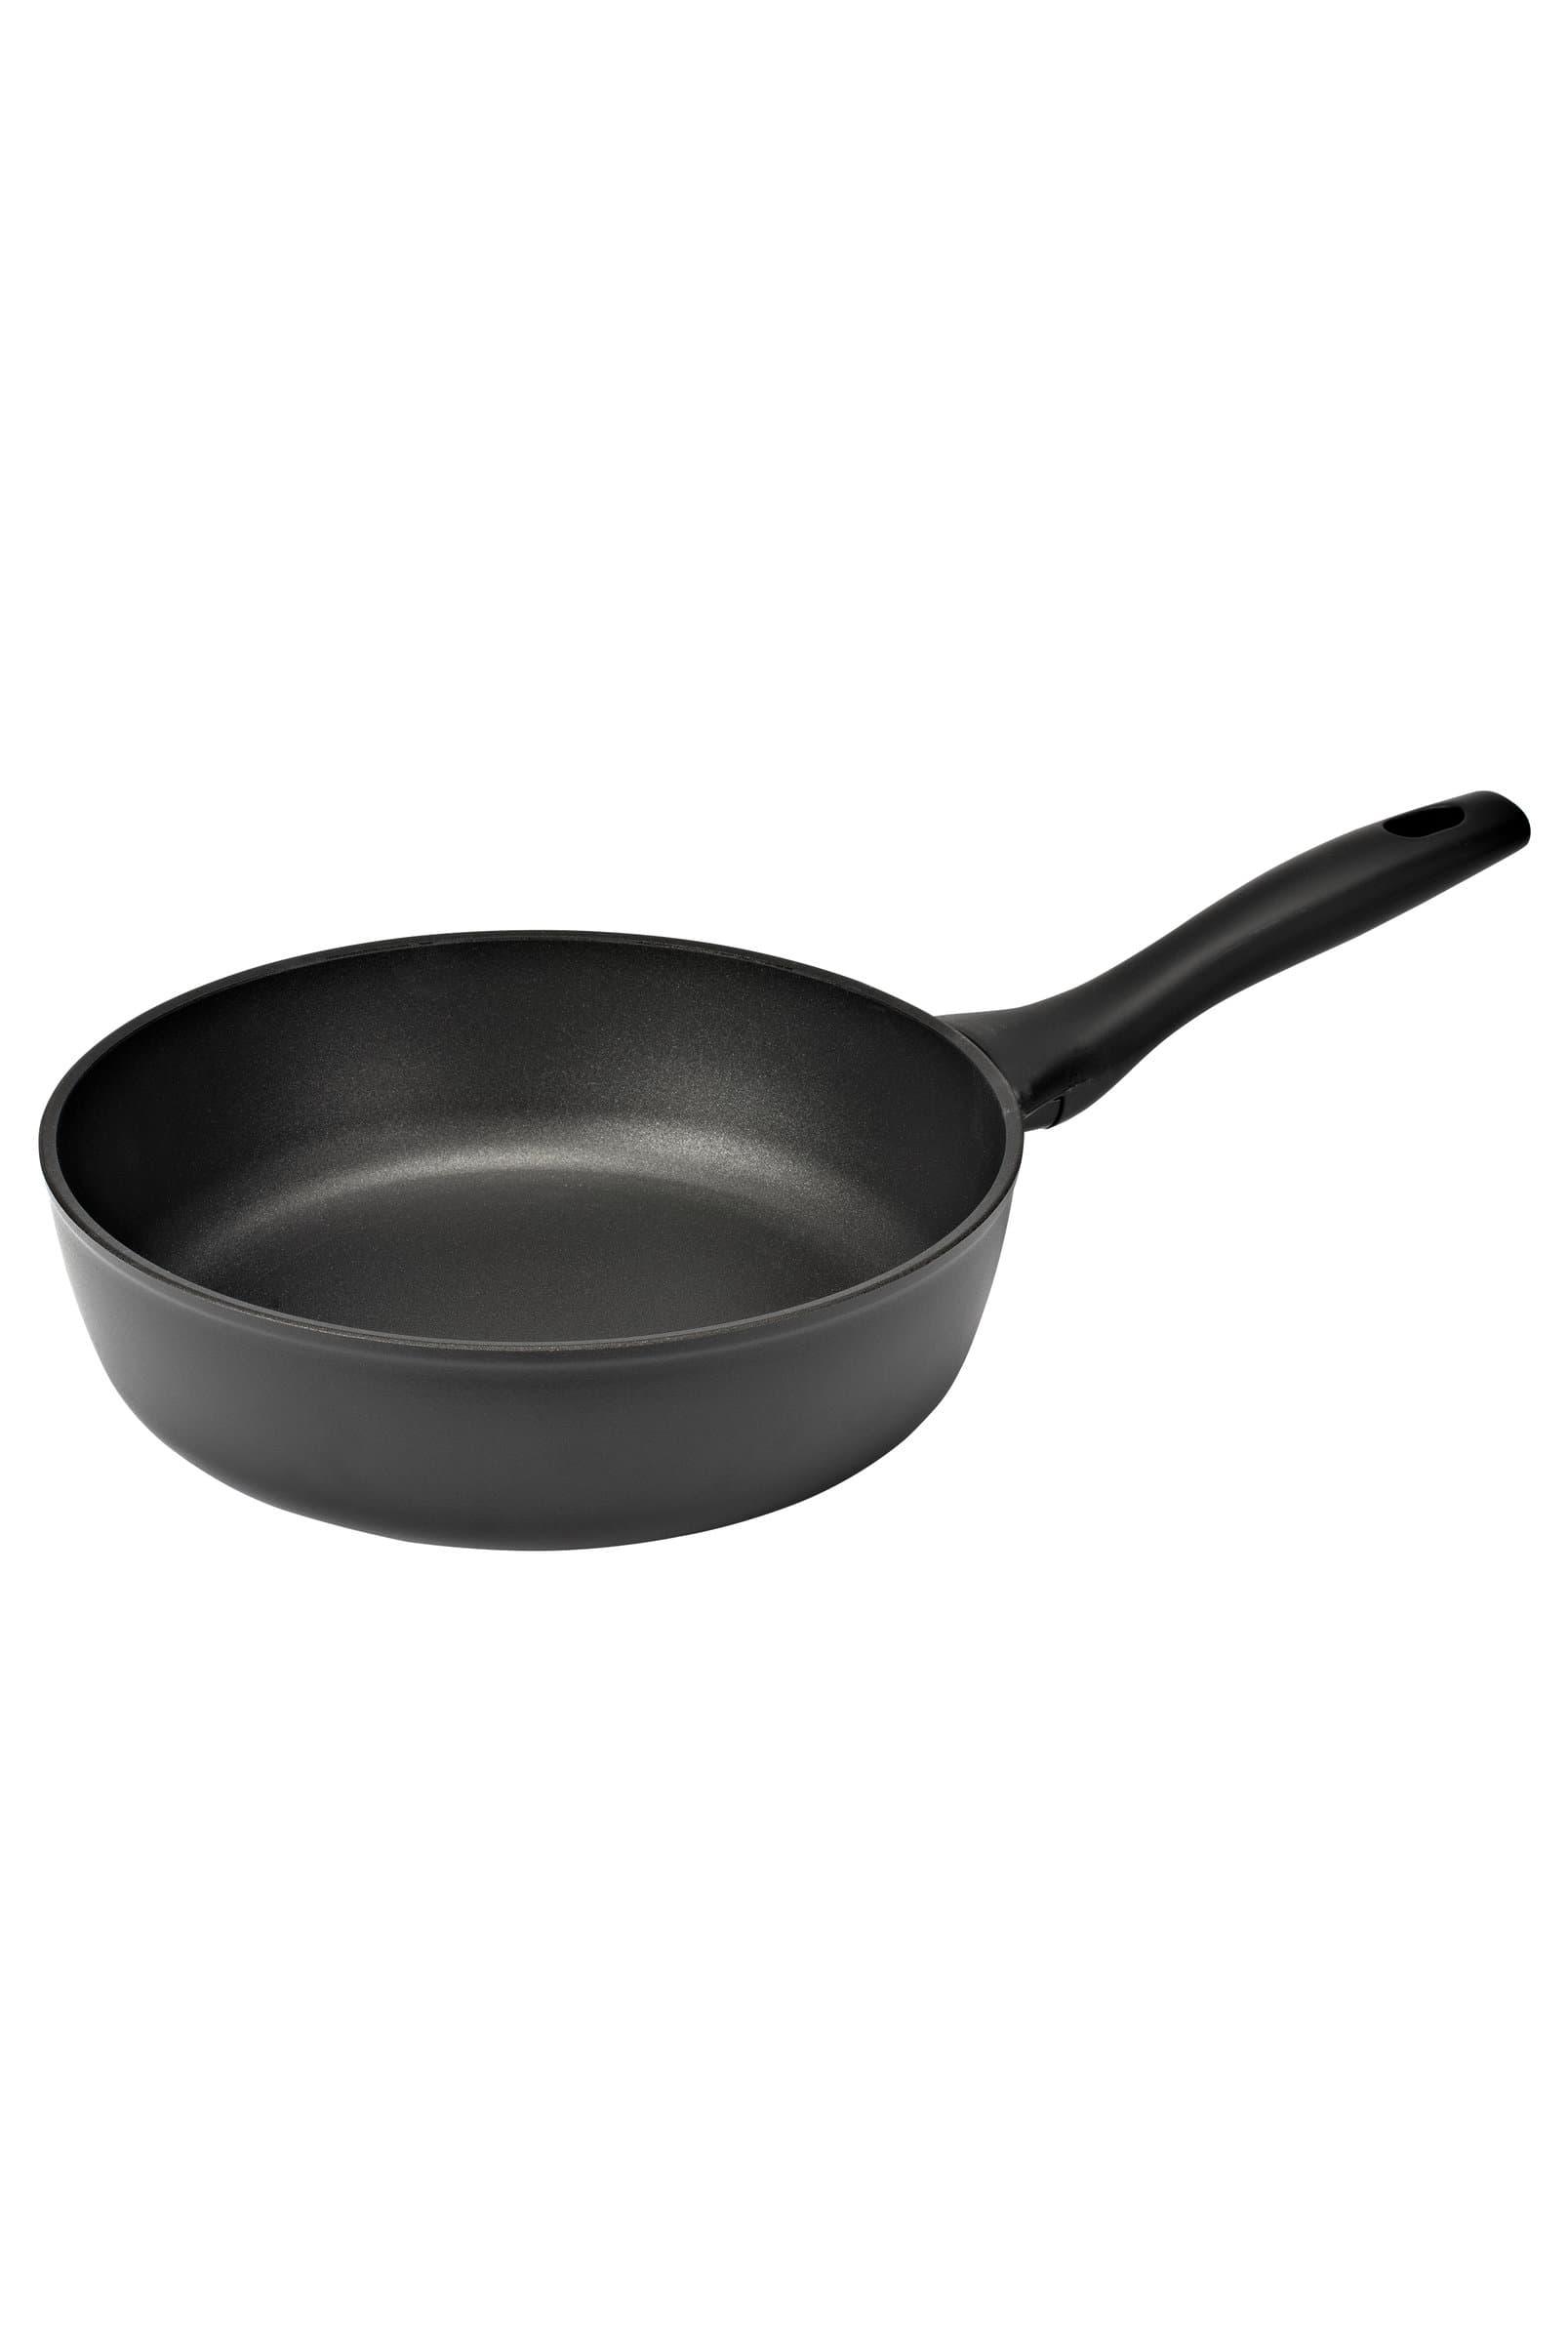 Cucina & Tavola TITAN Poêle 24cm high